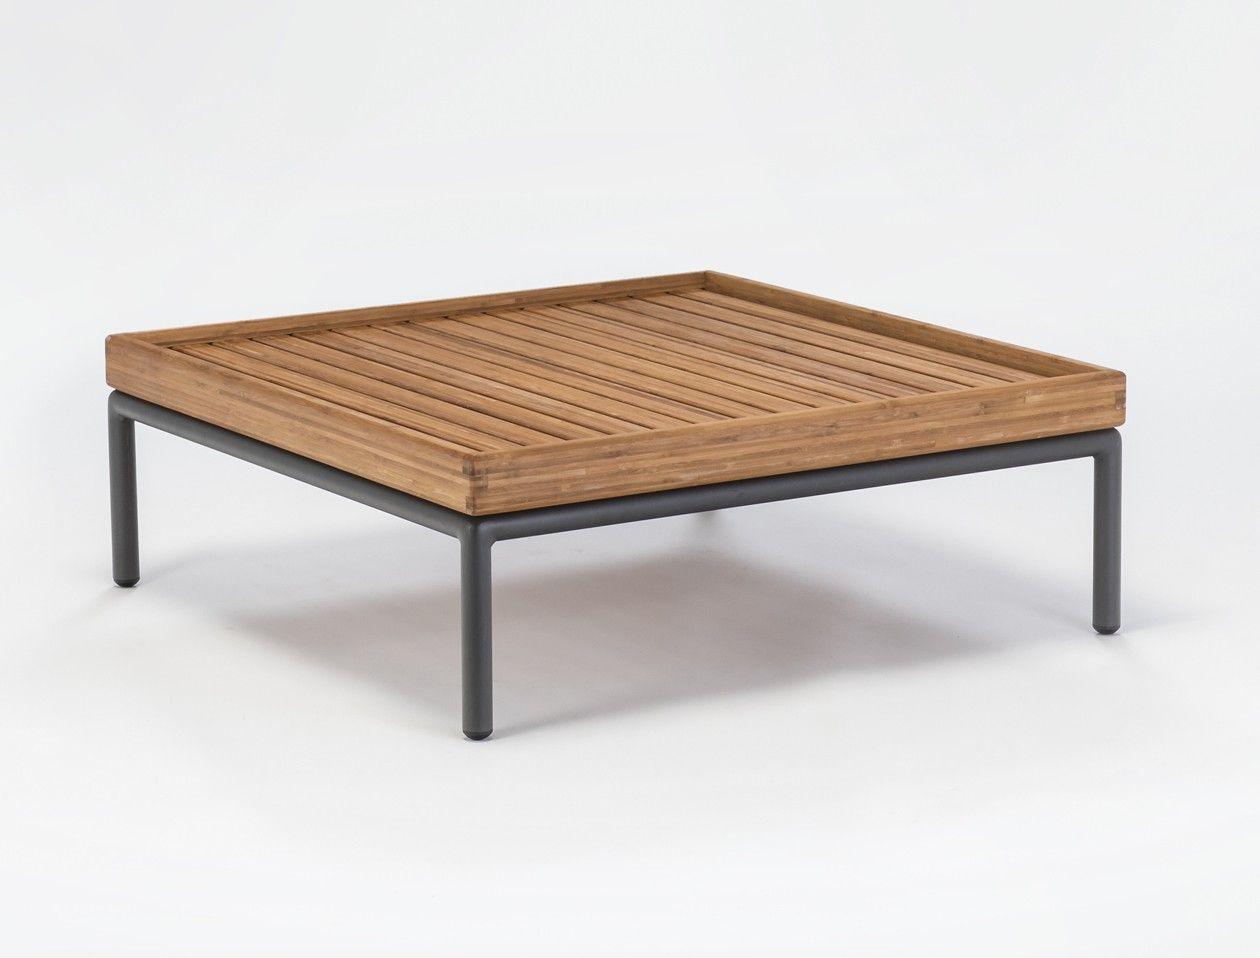 Jetzt bei Desigano.com Level Beistelltisch Tische, Gartenmöbel ...